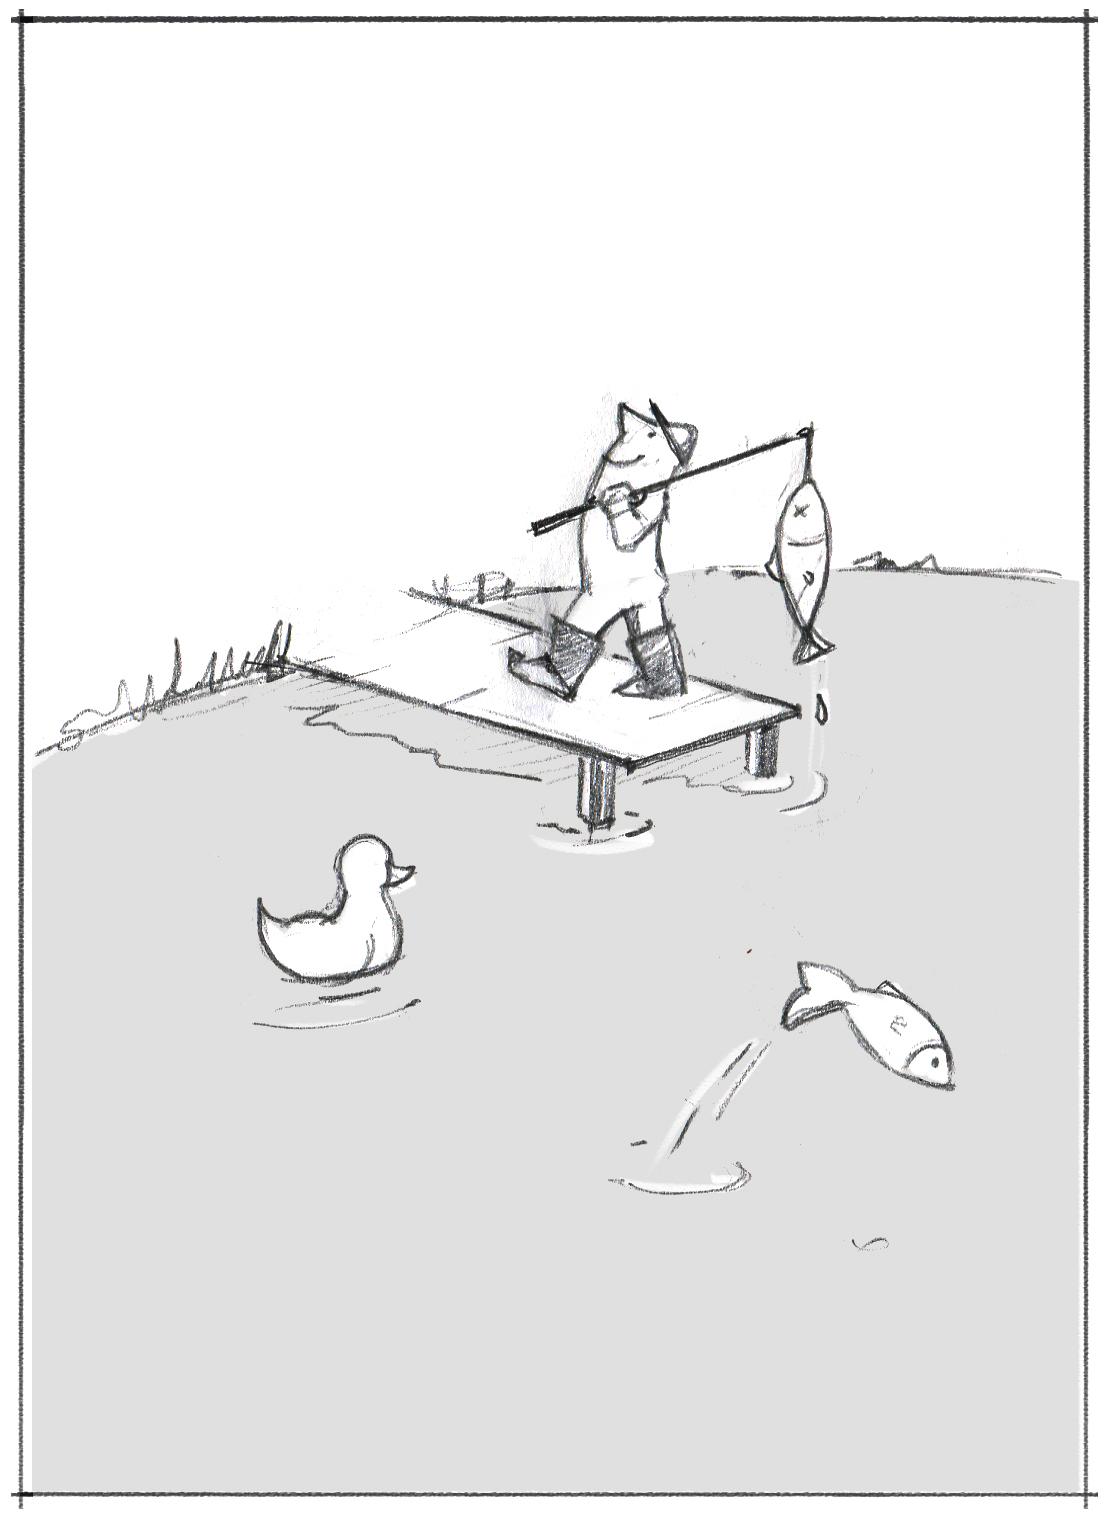 Ds Bild zeigt einen Stolzen Angler. Das illustriert, wie bei der Interviewführung viele Gespräche führen nicht unbedingt  besser macht, aber das führt zu mehr subjektiver Sicherheit. Wie der Angler, der denkt, es wäre seine Technik, der er den Fisch verdankt.